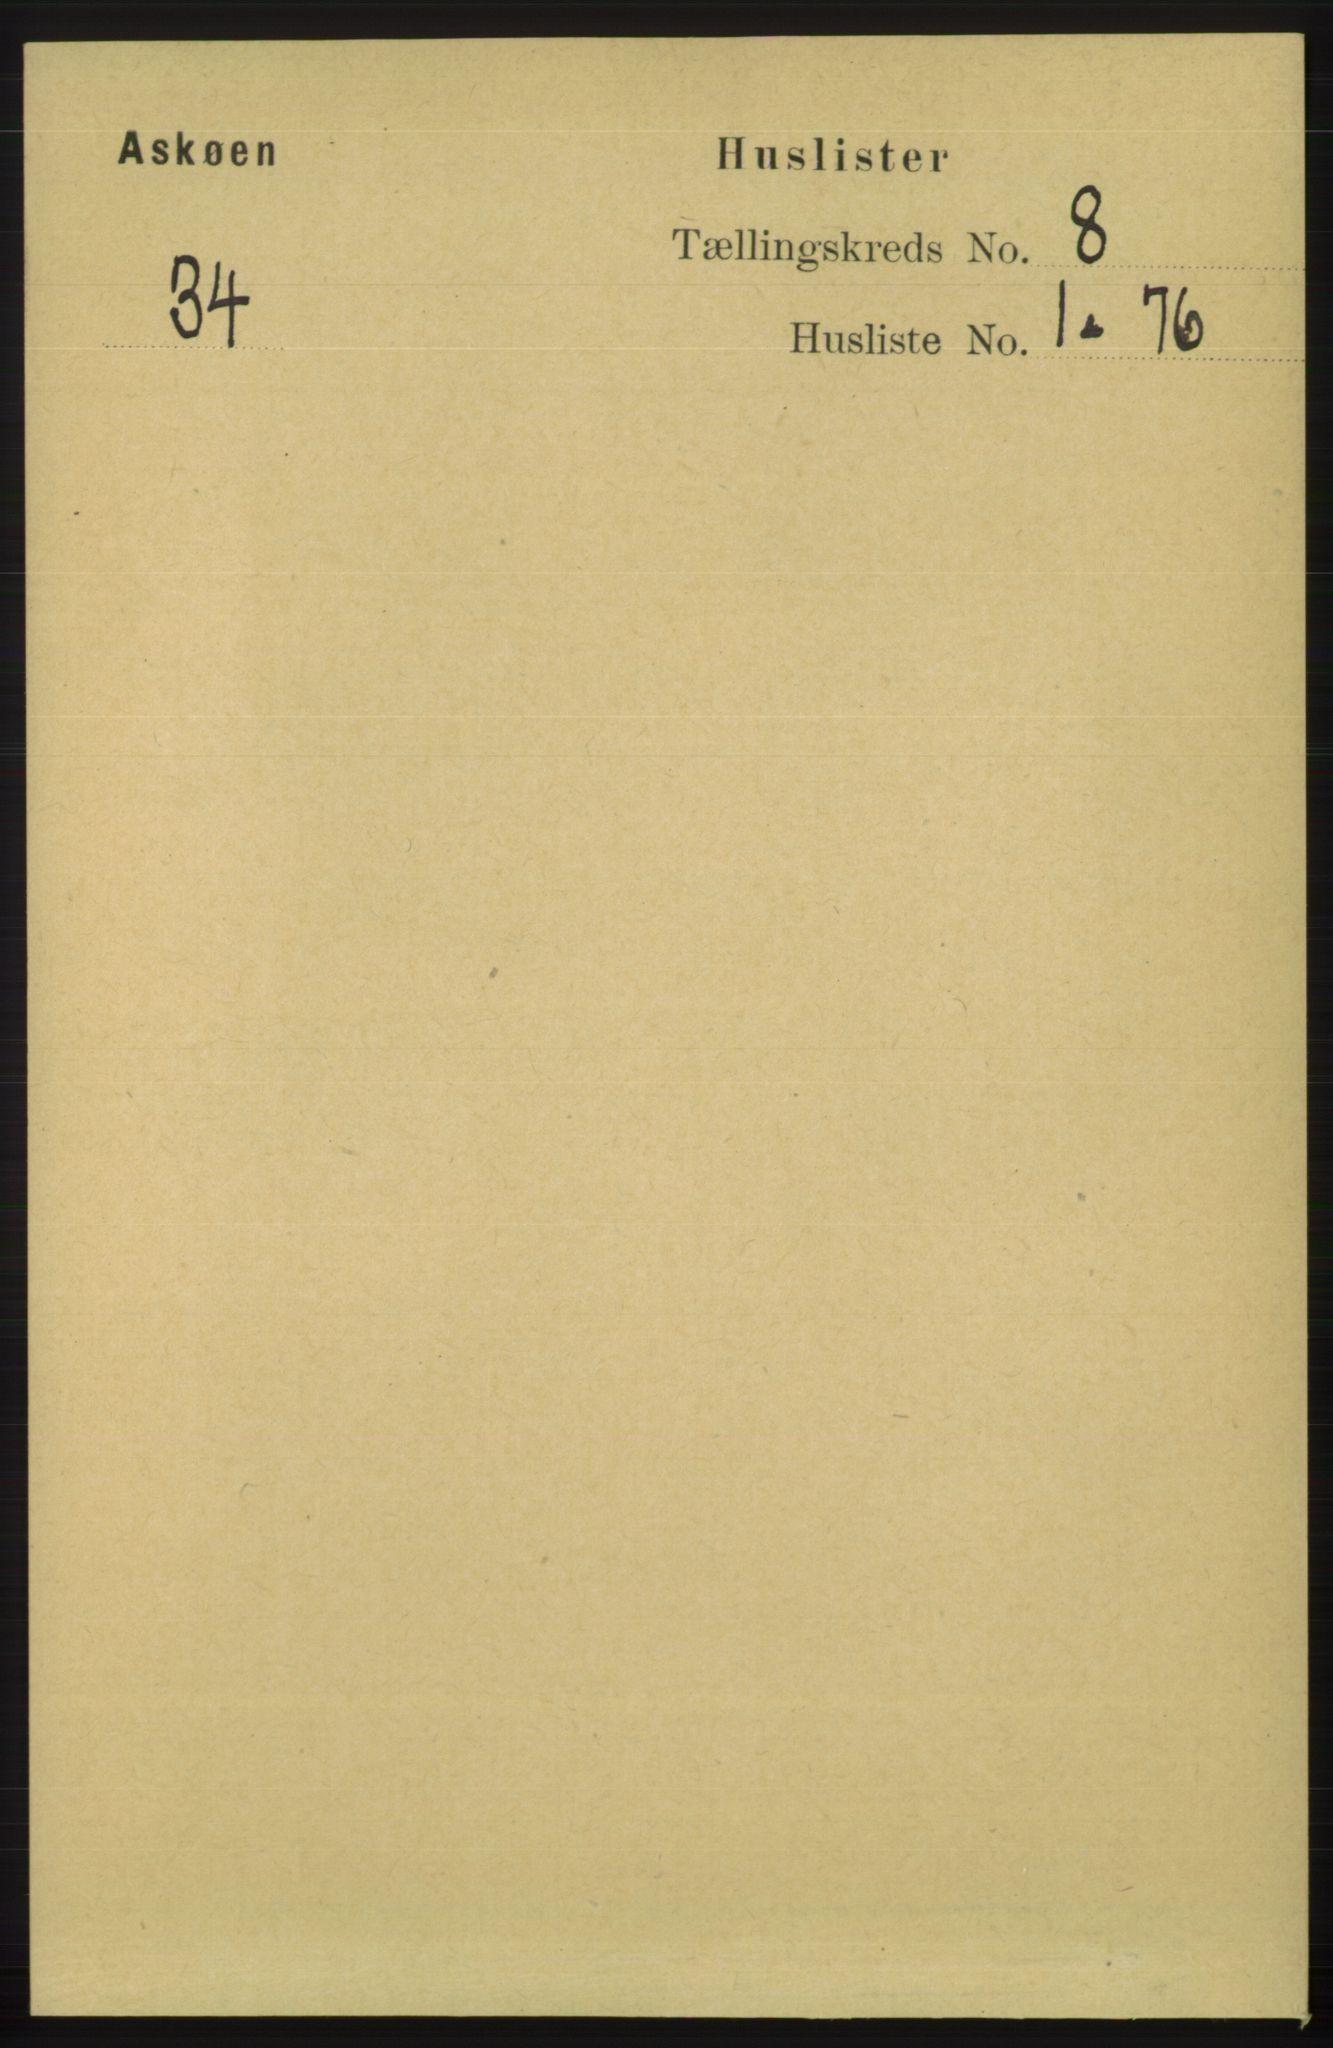 RA, Folketelling 1891 for 1247 Askøy herred, 1891, s. 5318